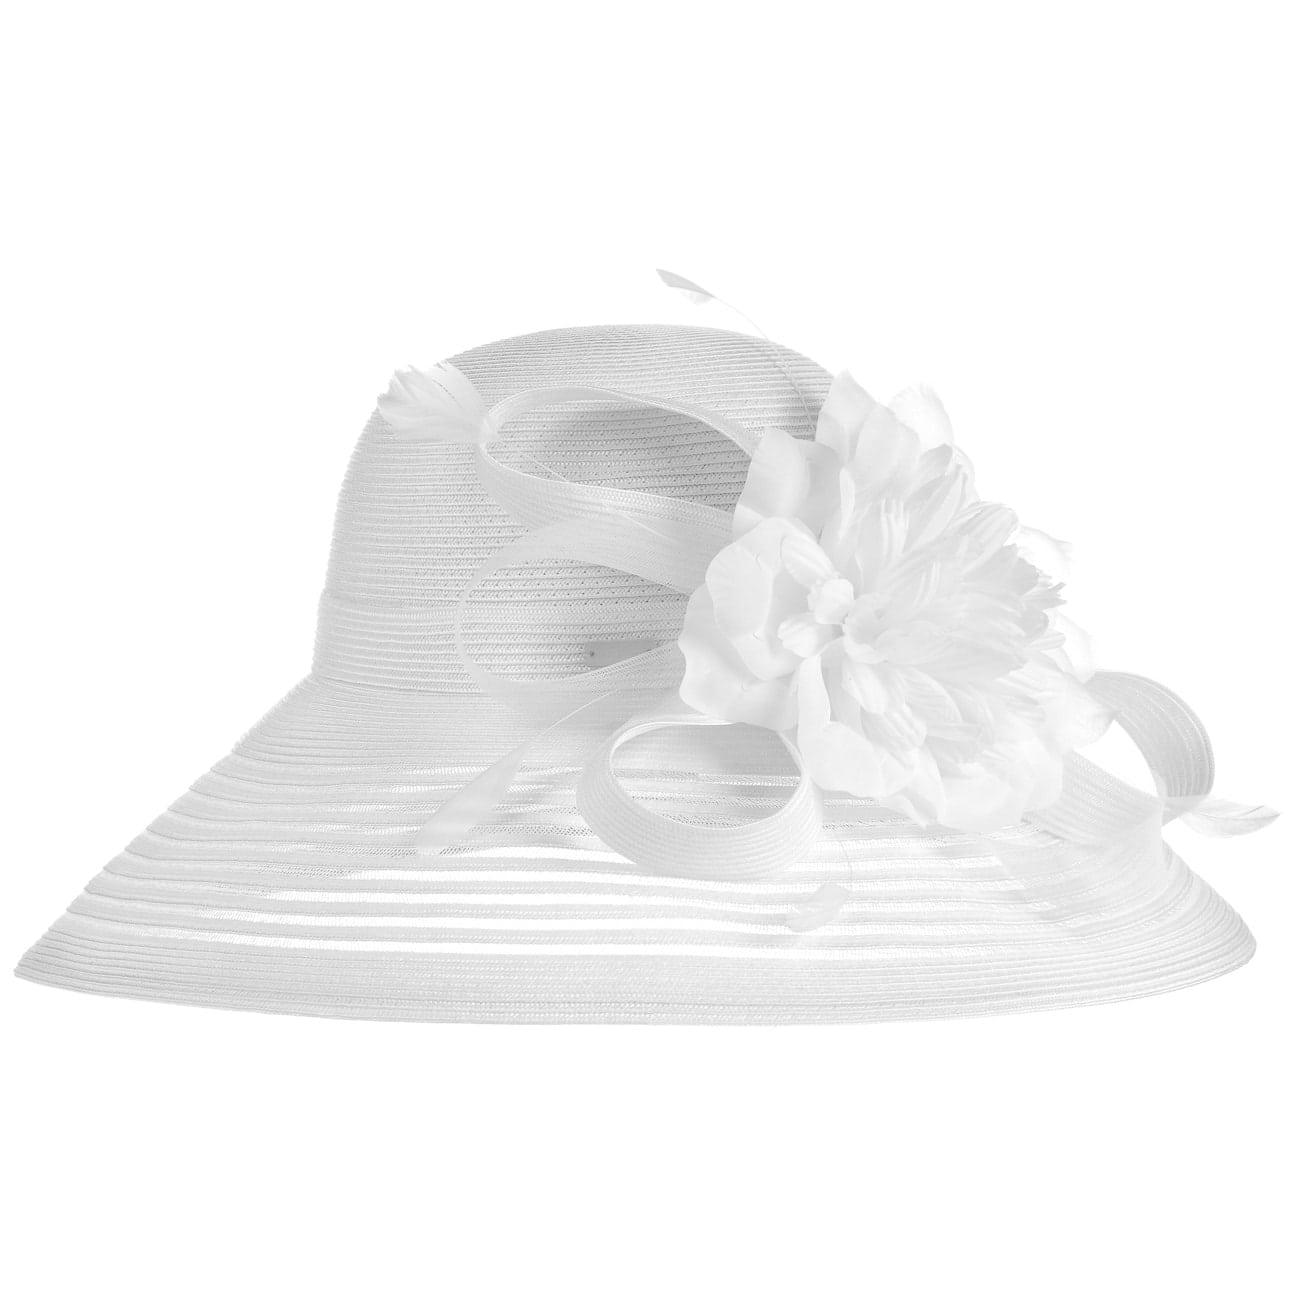 Sombrero de Mujer Lanna by Betmar  sombrero de boda